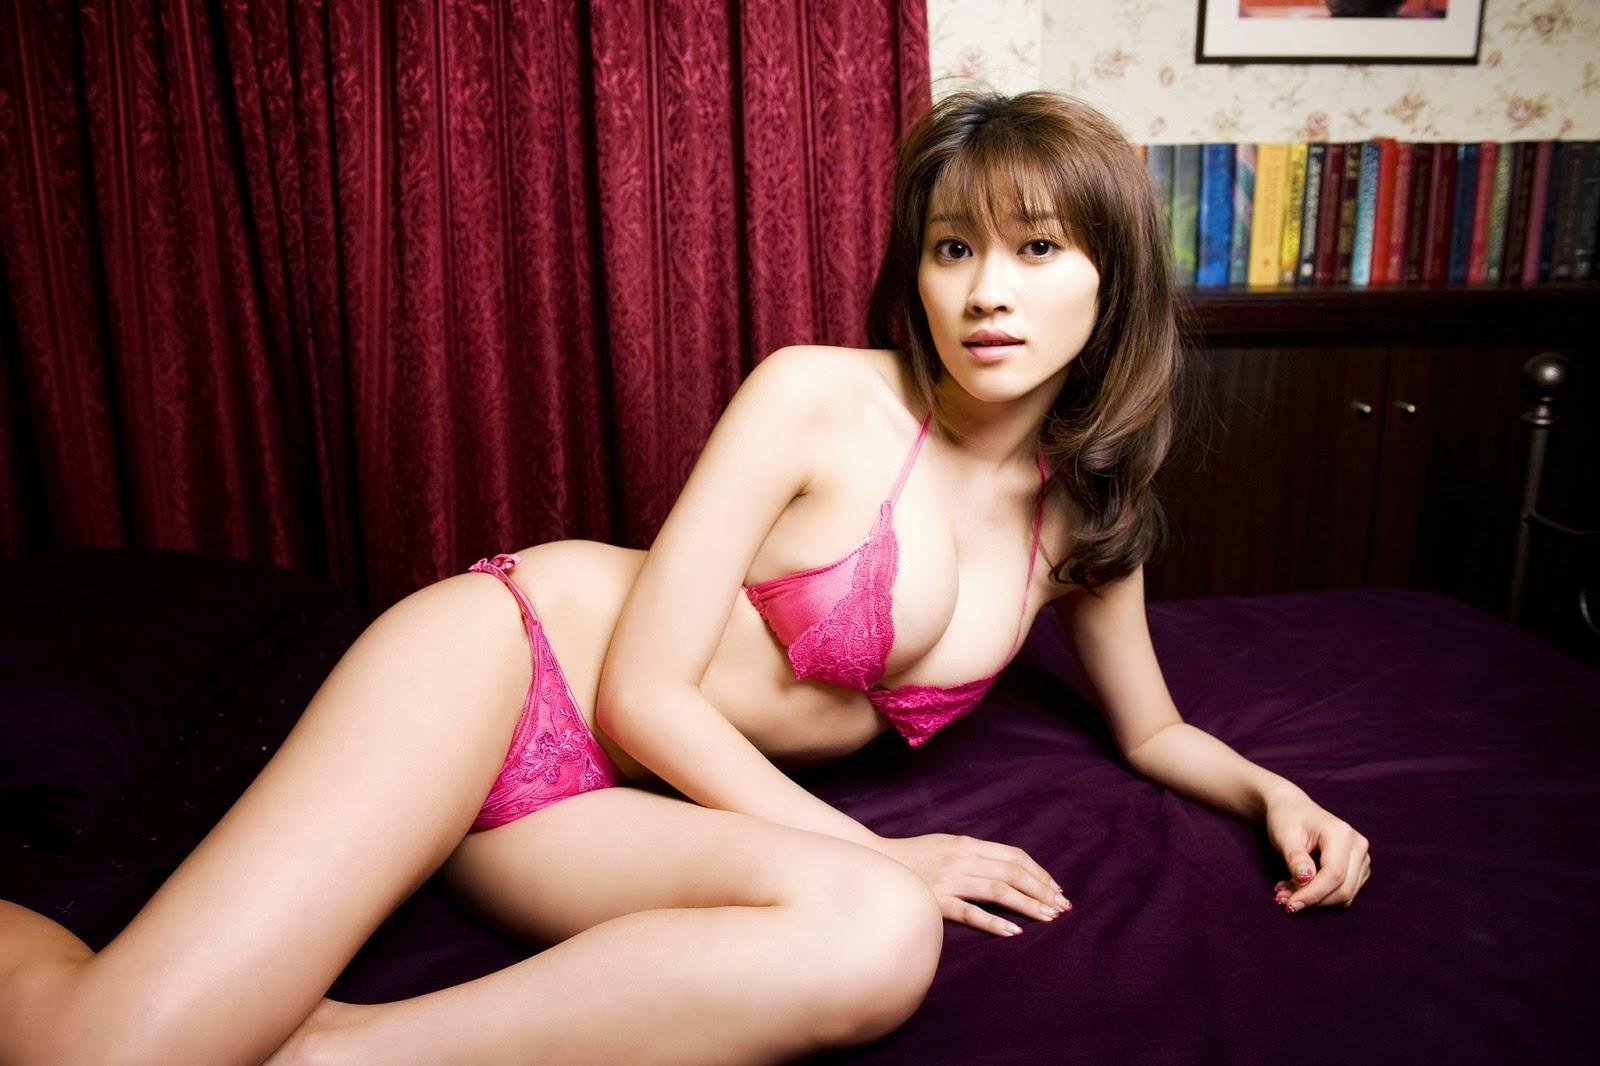 Japanese Hot Girls: Mai Nishida Juicy Fruit